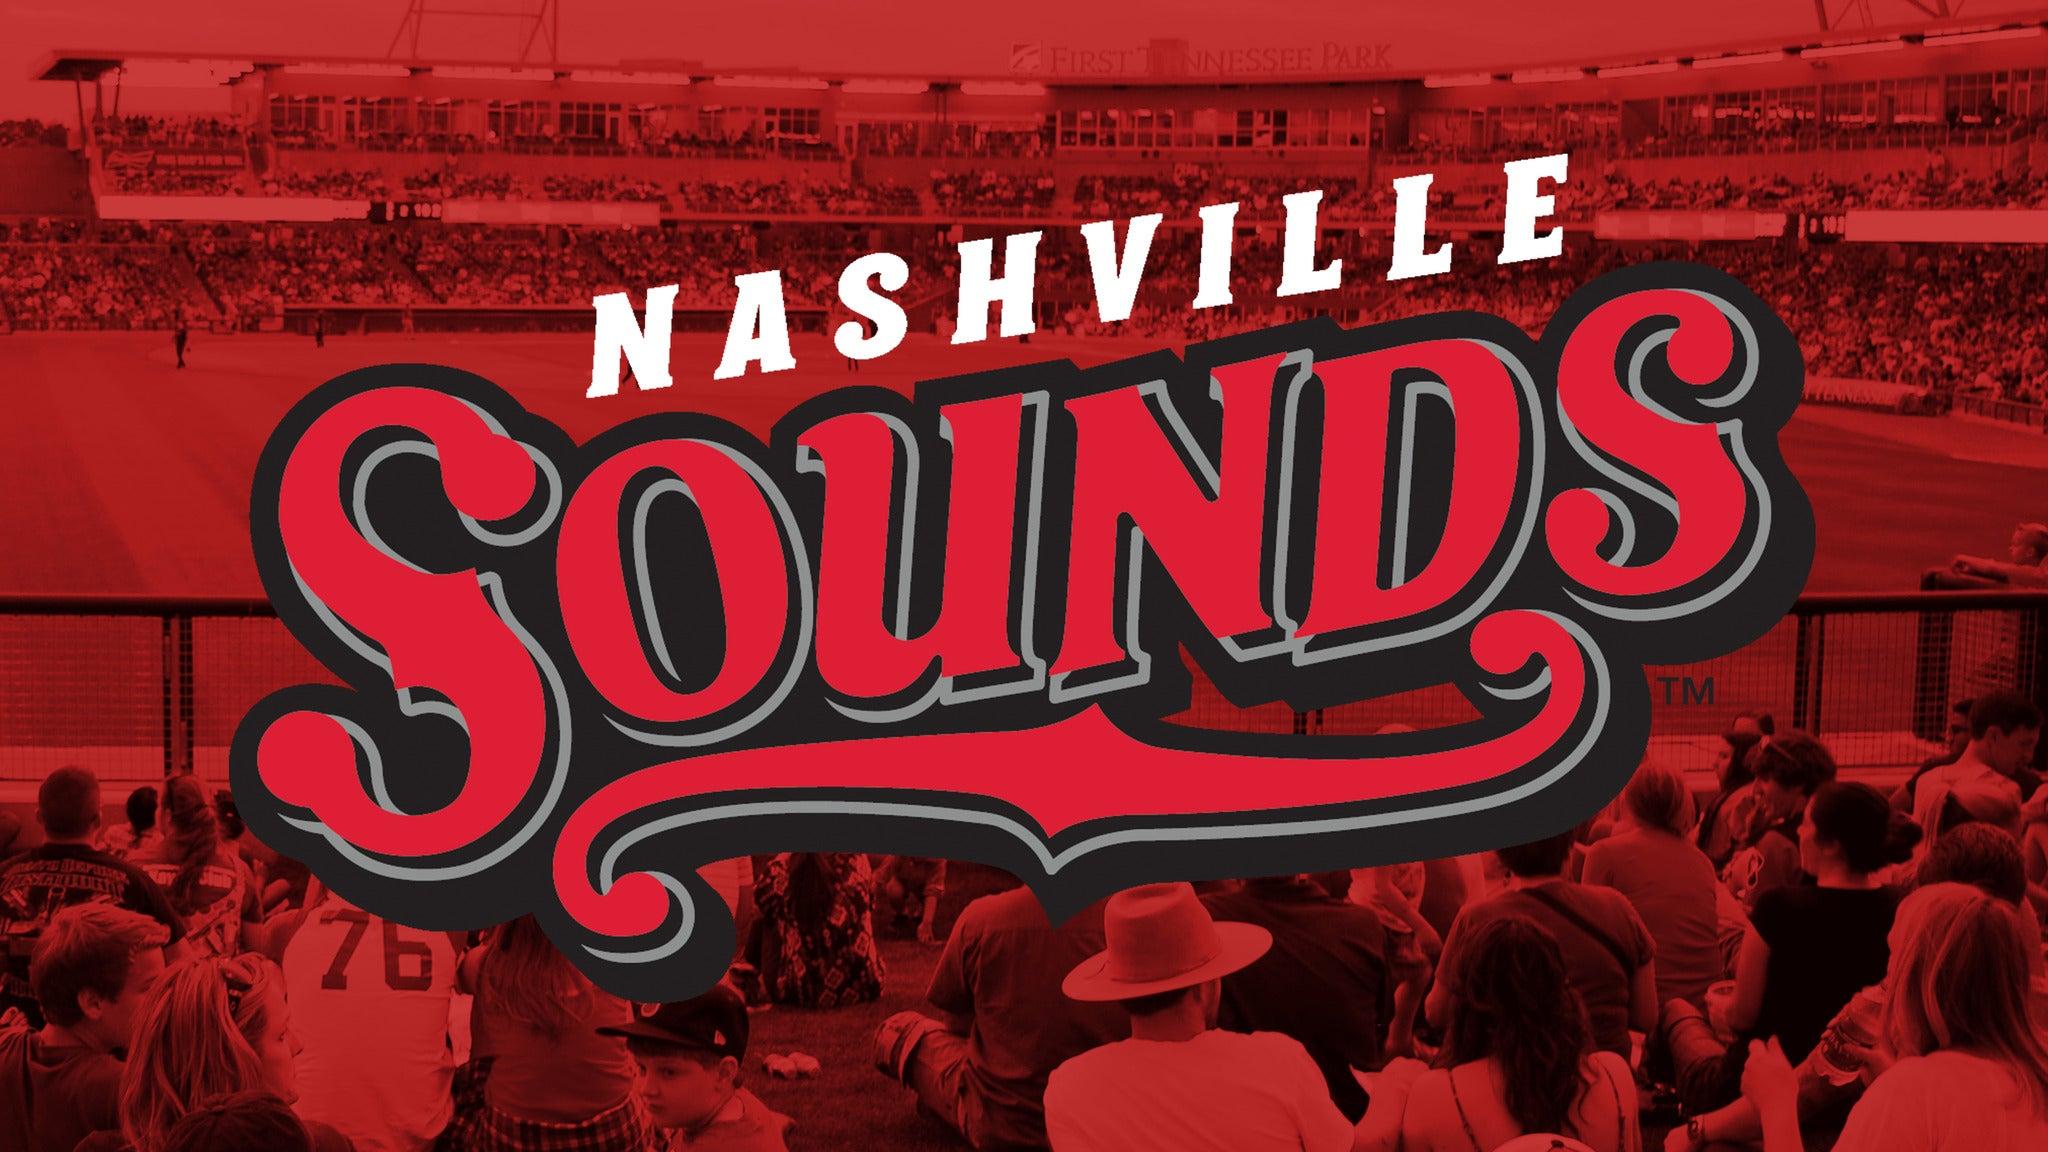 Nashville Sounds vs. Omaha Storm Chasers